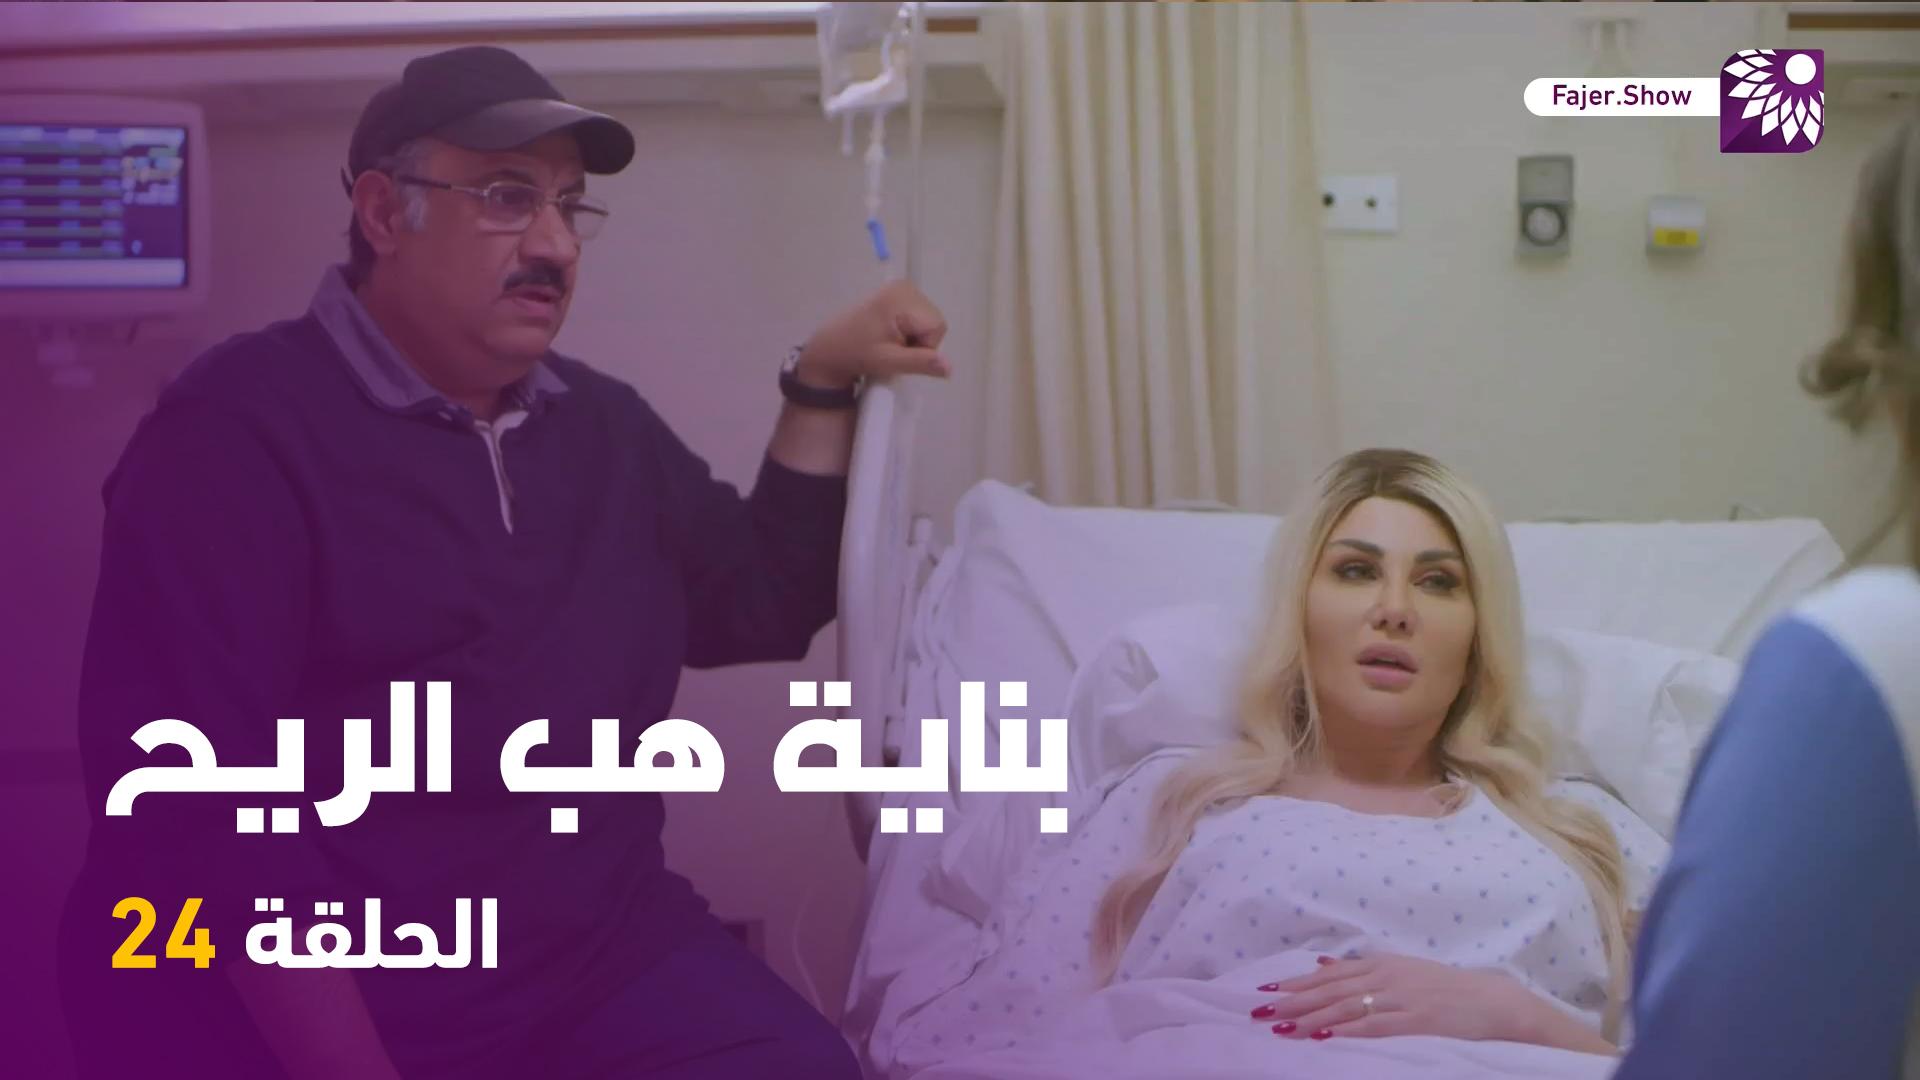 بناية هب الريح | الحلقة 24